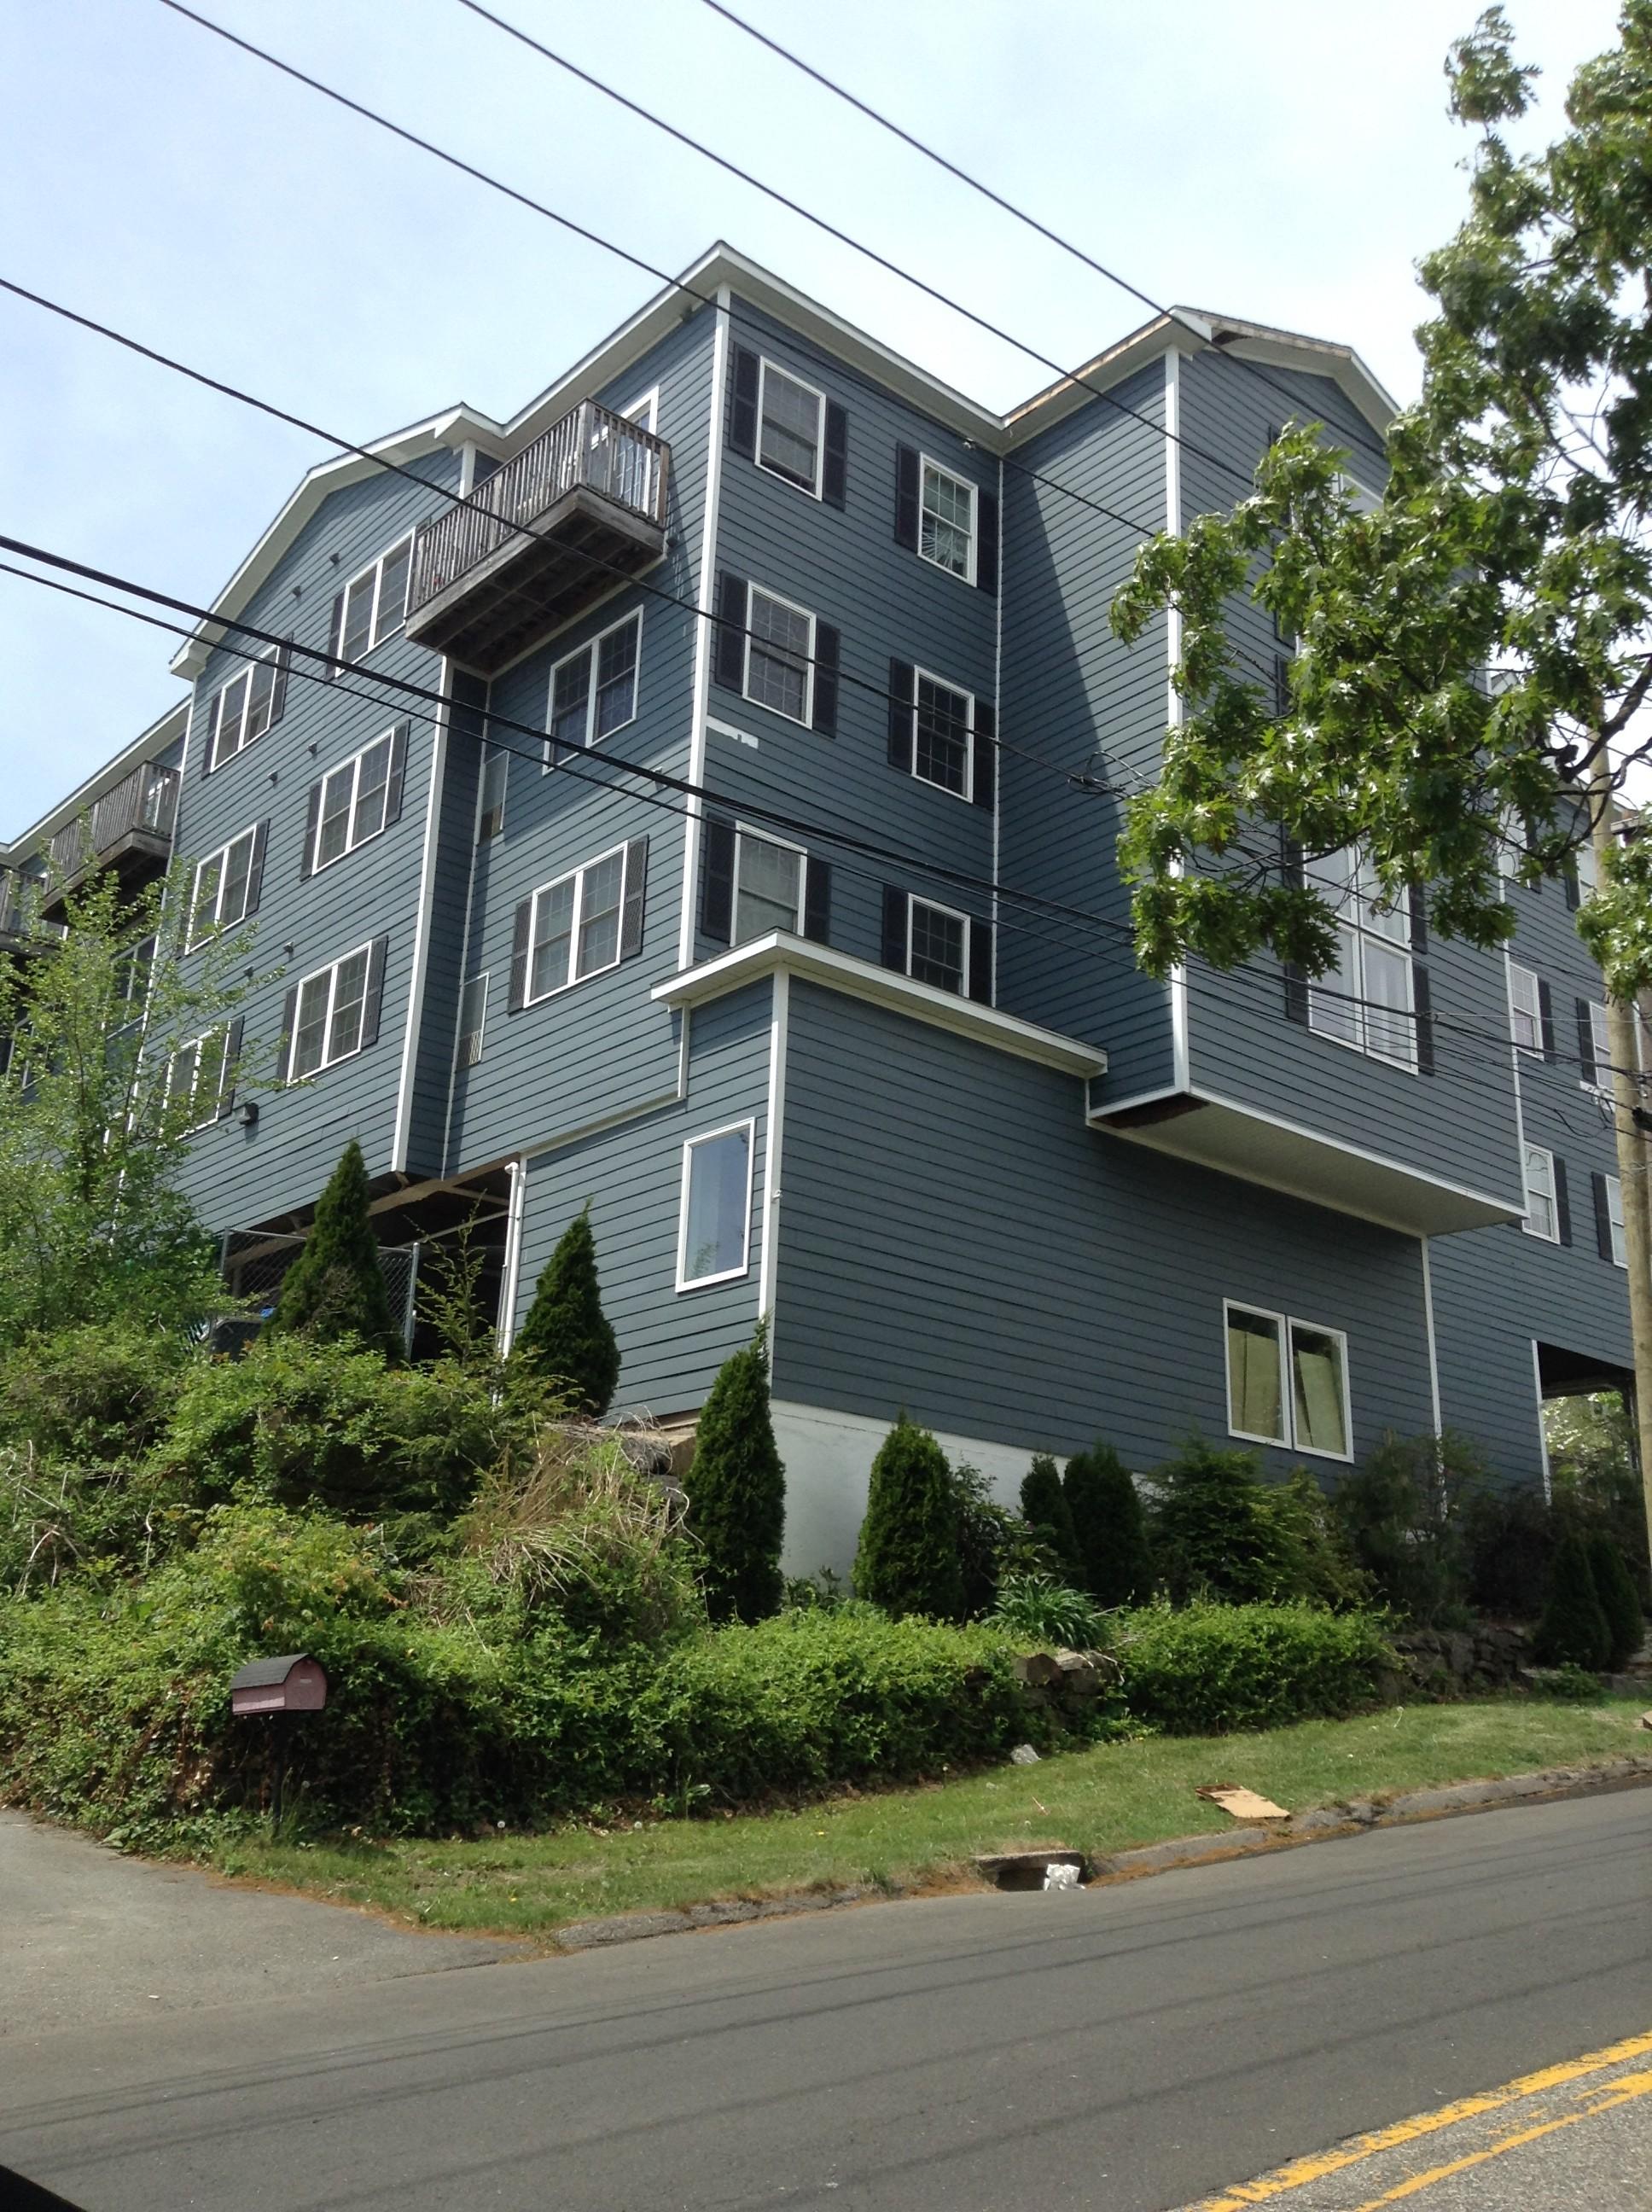 677 Sylvan Ave 312 Bridgeport Ct 06606 2 Bedroom Apartment For Rent Padmapper